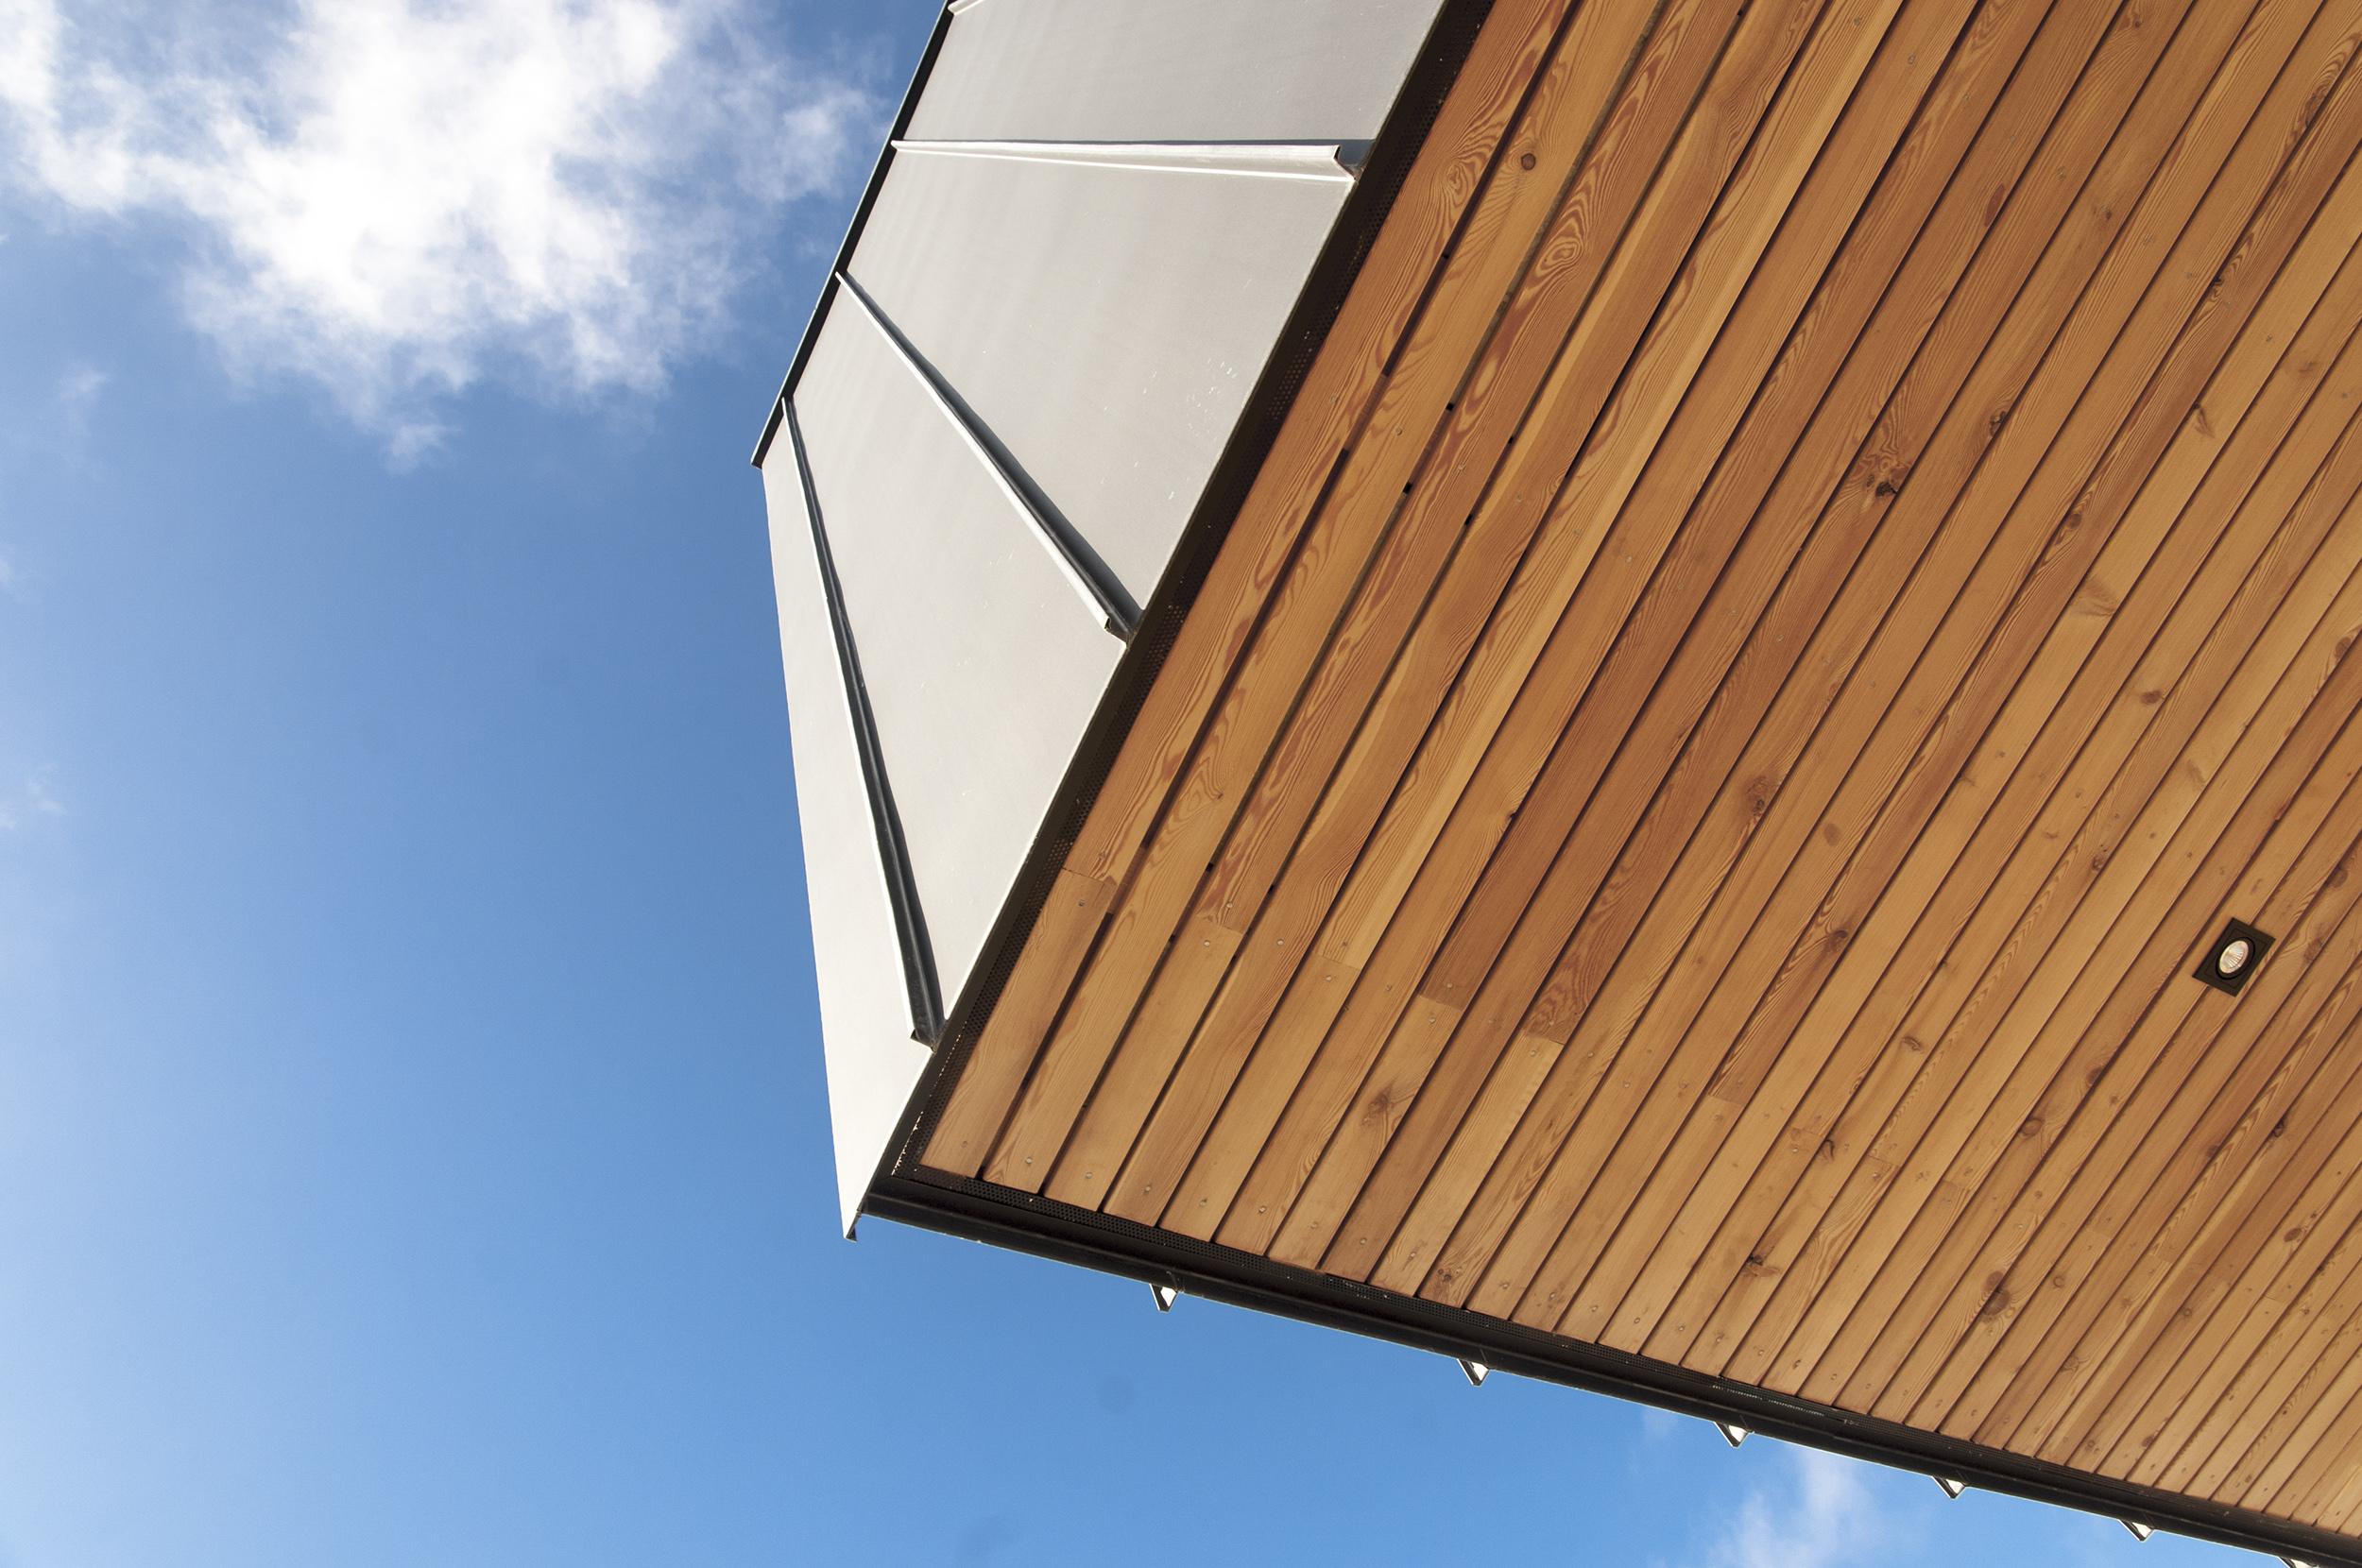 Chouette architecture - Villa Dijon - 2500 29